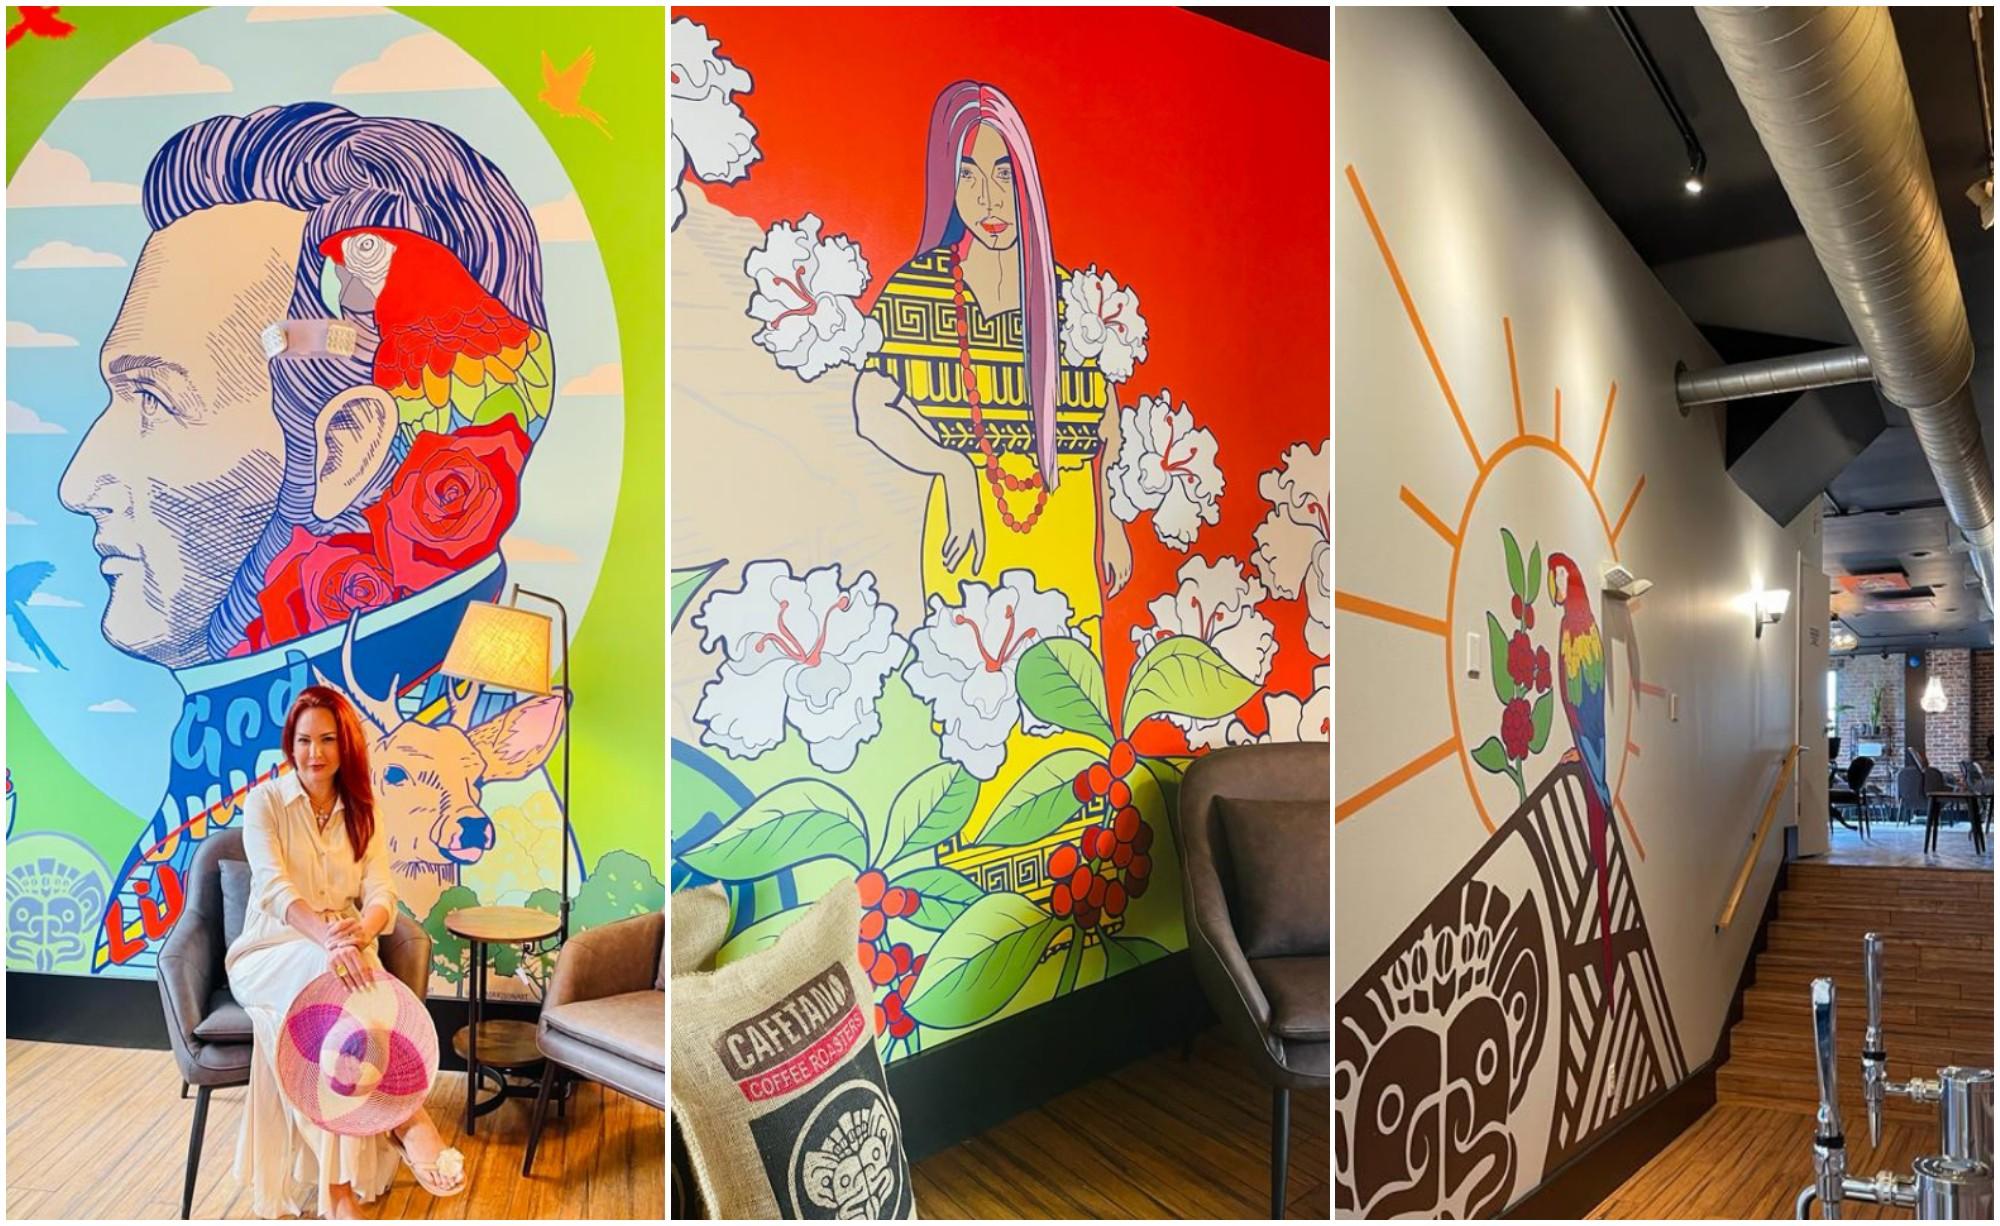 Hondureña destaca la cultura de Honduras en cafetería estadounidense